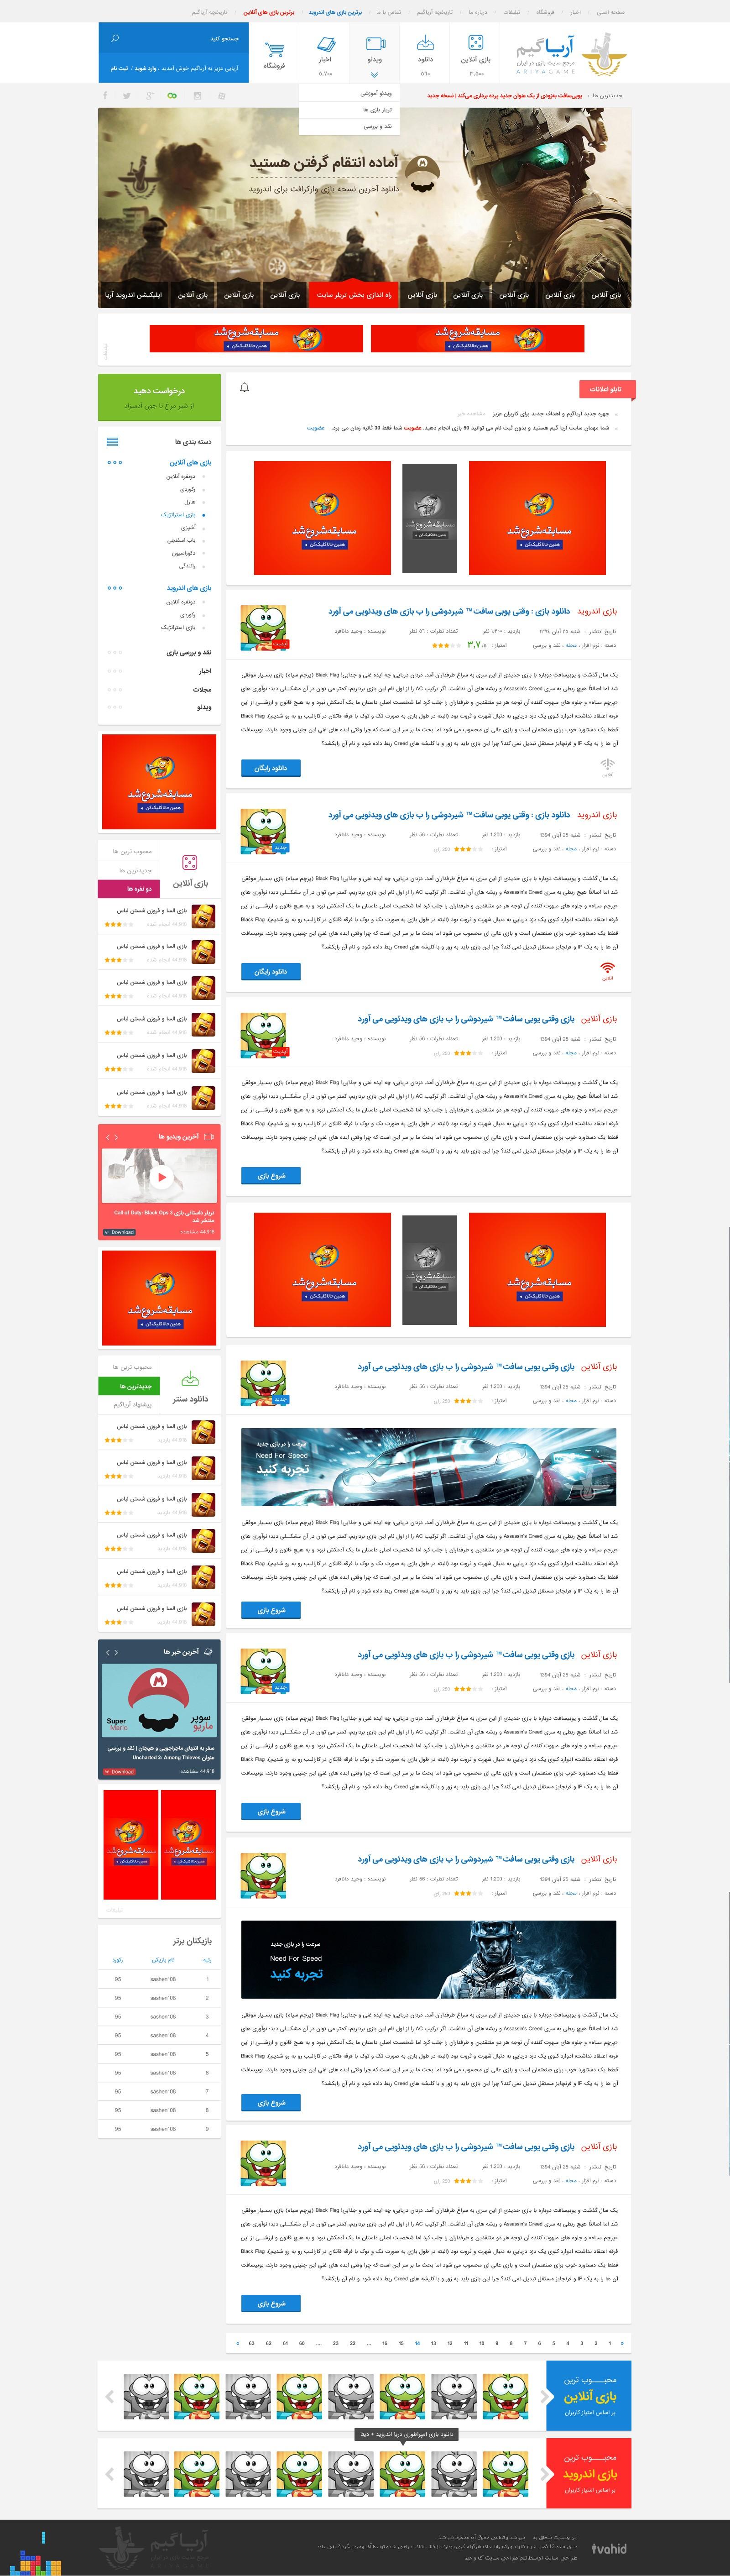 آریاگیم مرجع بازی ایران